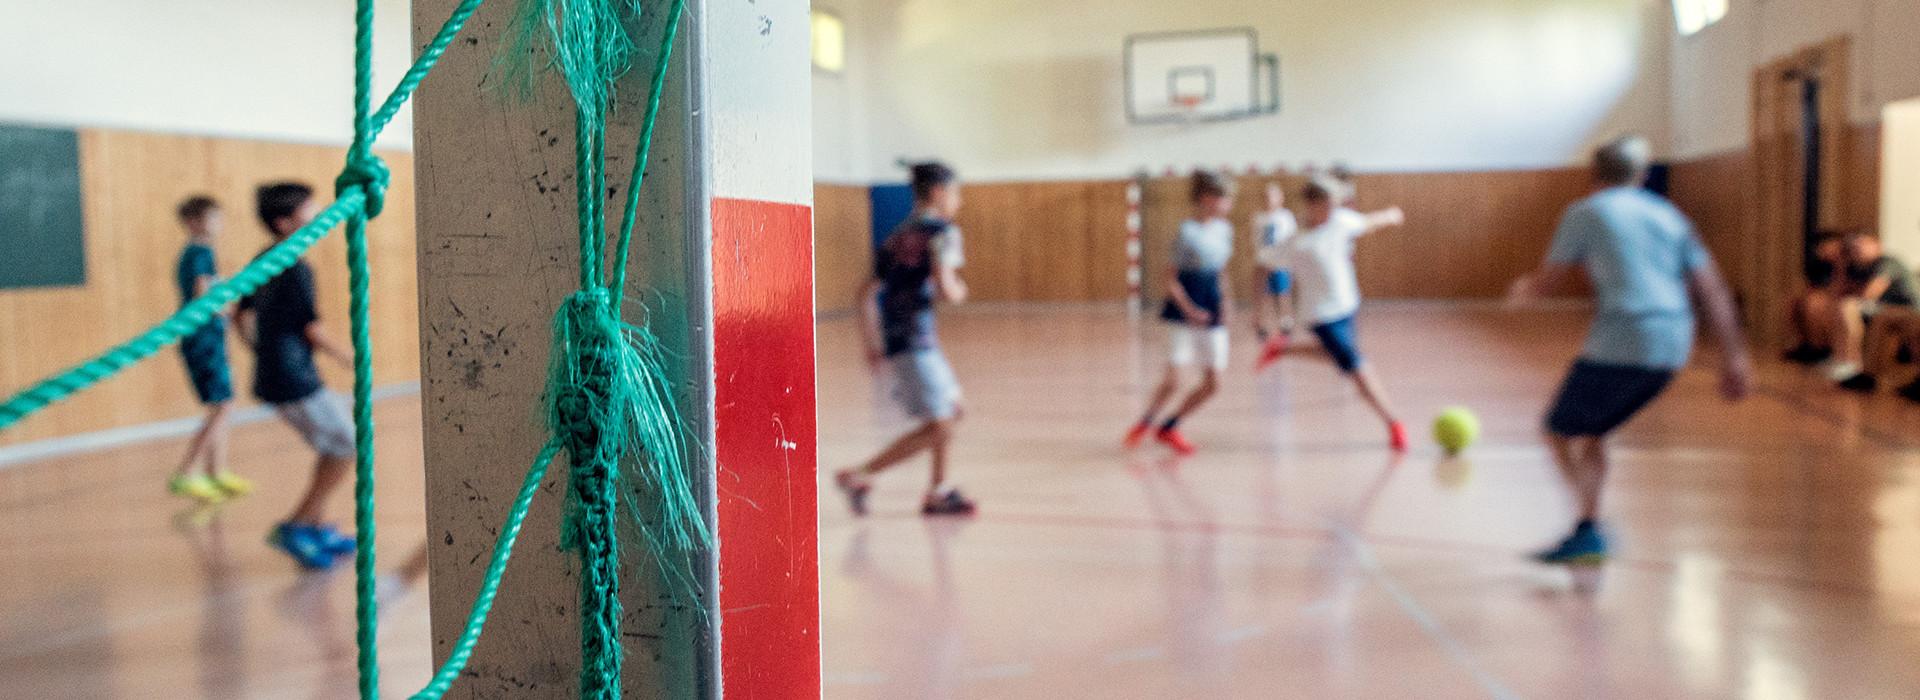 heinrich-sigmund-gymnasium-sporthalle